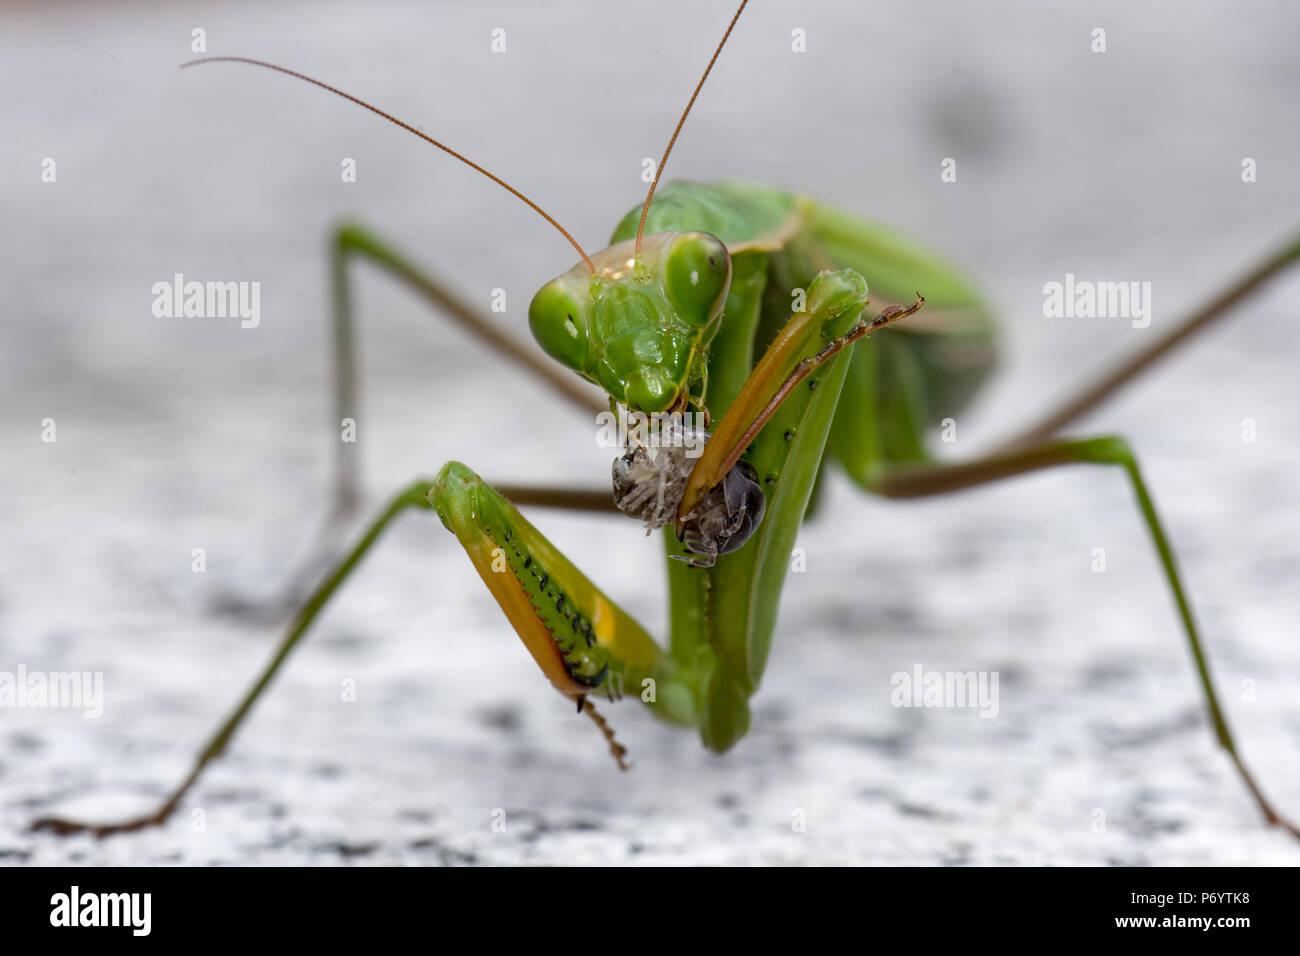 Color natural al aire libre cerca de la fotografía macro de un único aislado mantis verde mientras come Imagen De Stock